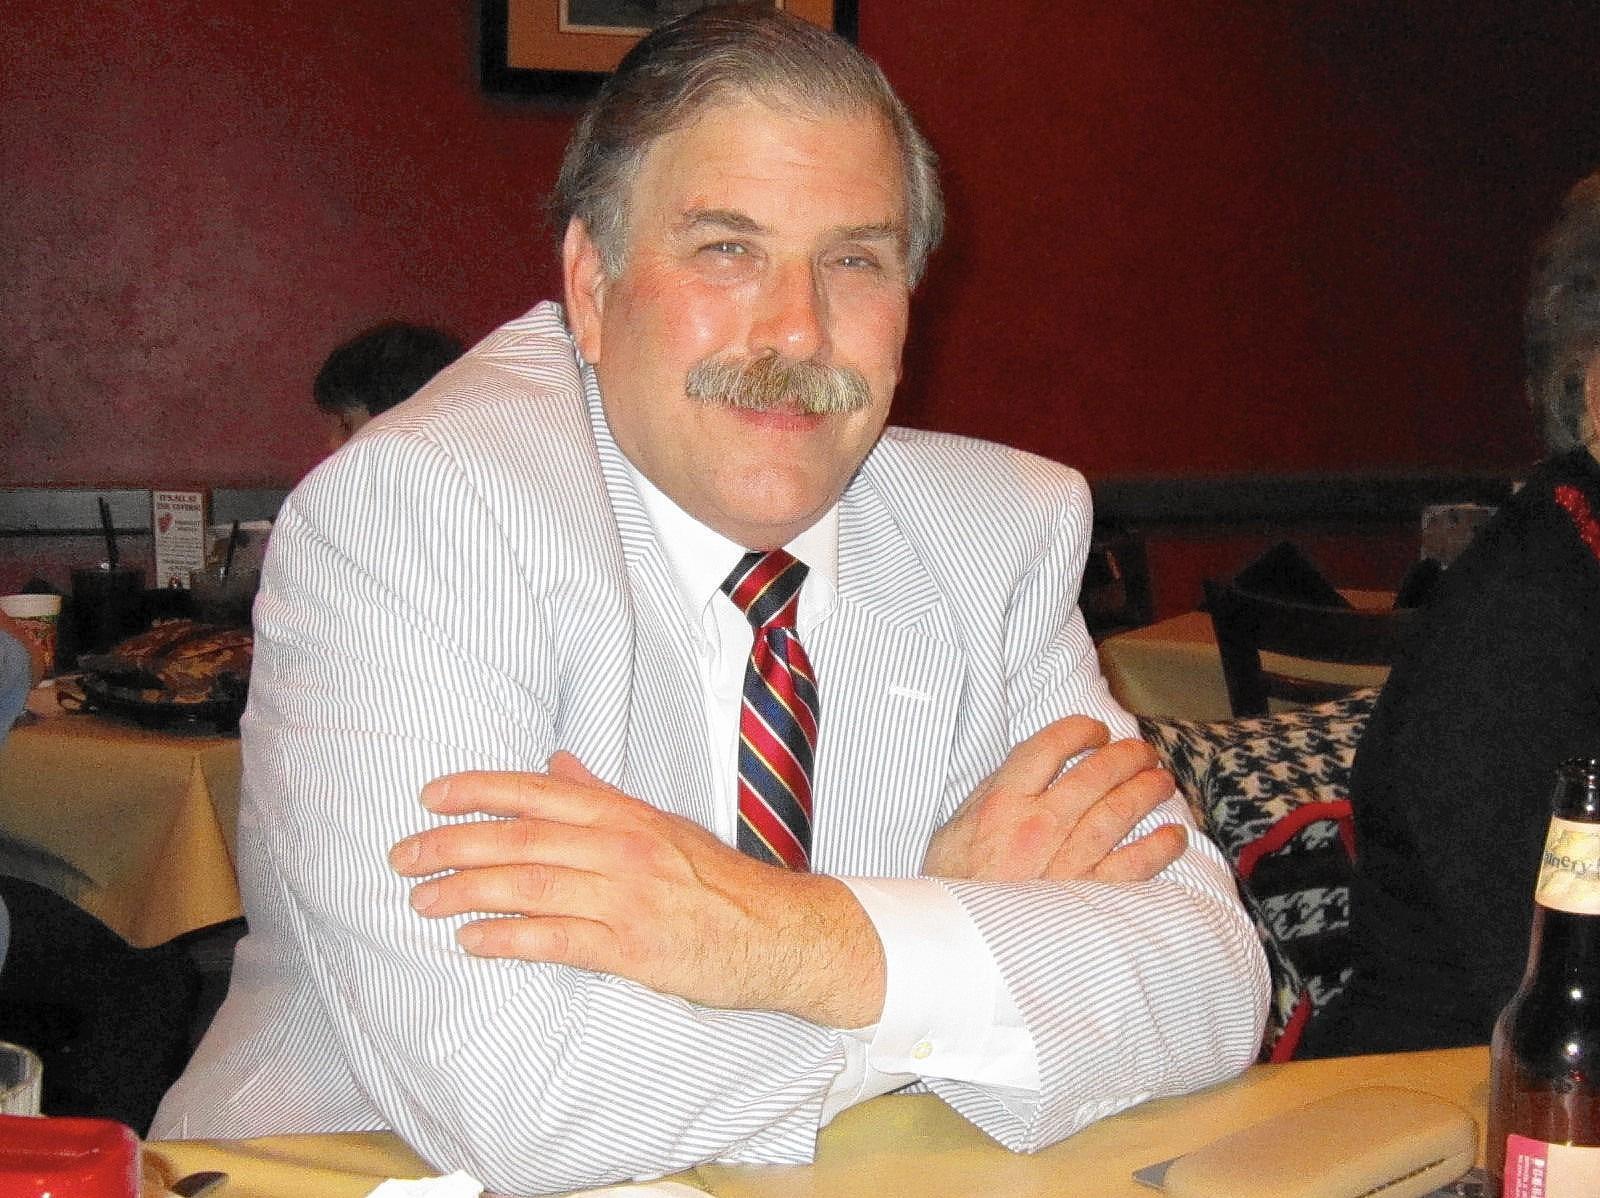 John Hasslinger